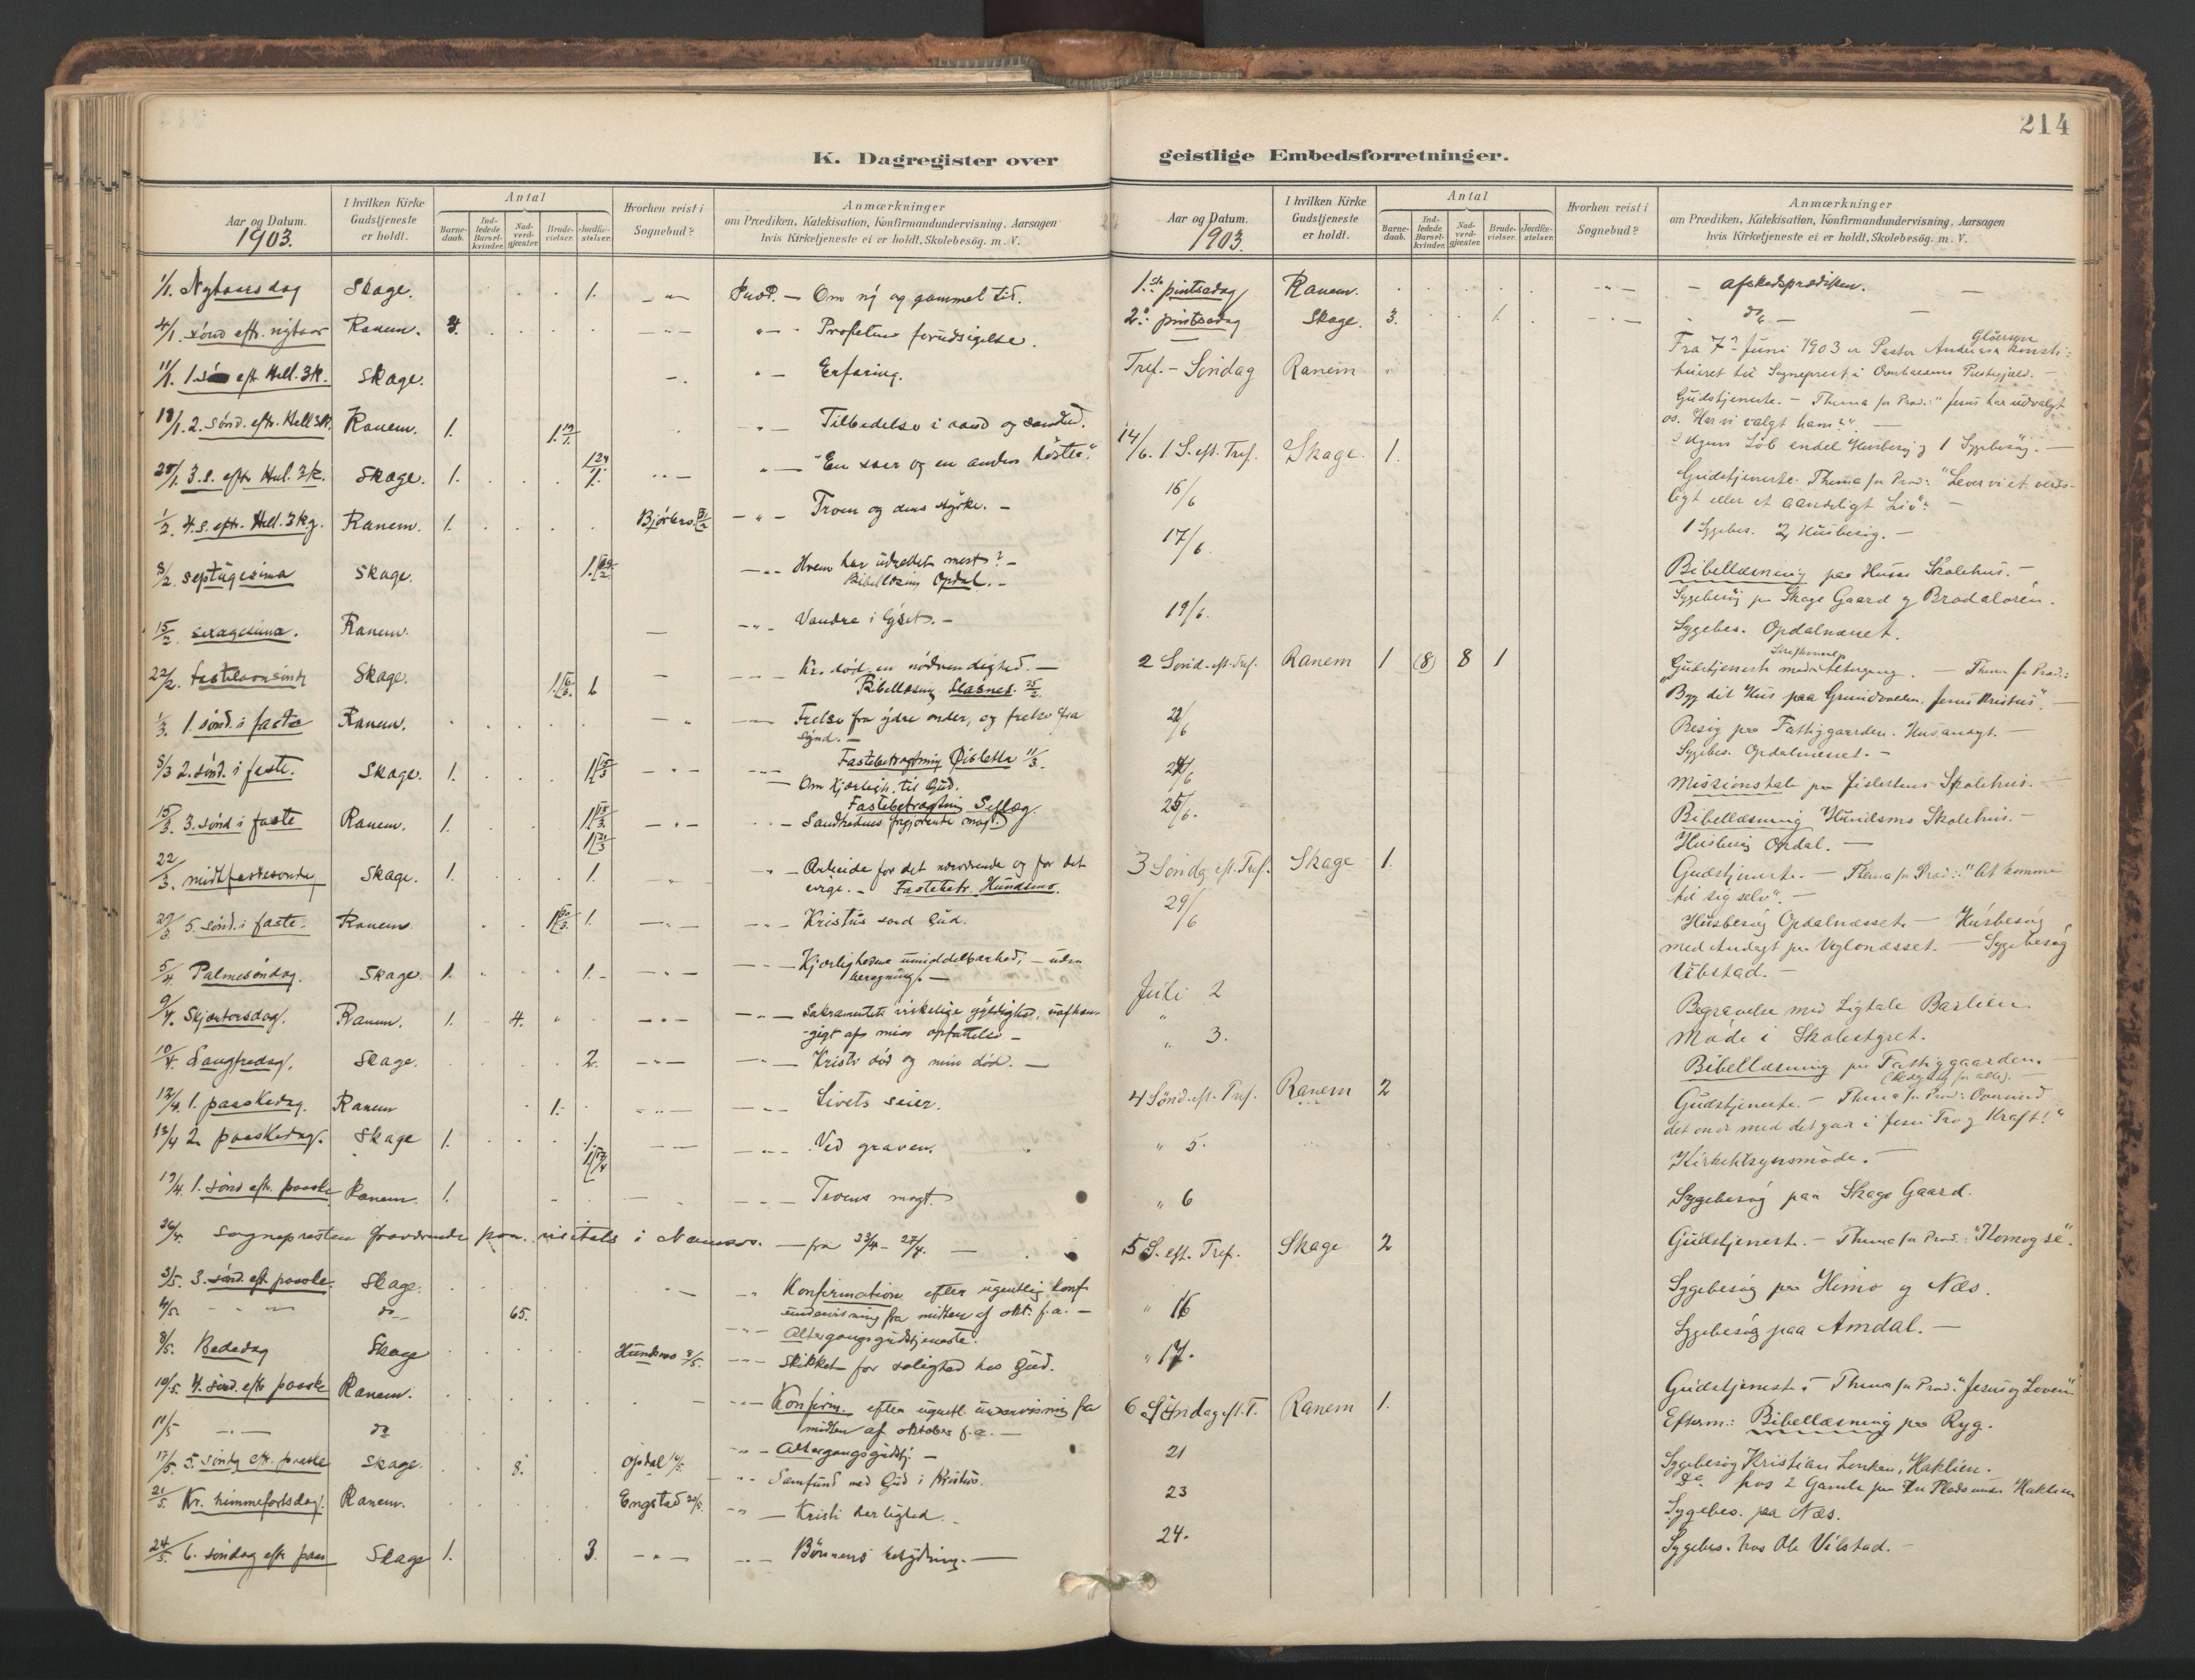 SAT, Ministerialprotokoller, klokkerbøker og fødselsregistre - Nord-Trøndelag, 764/L0556: Ministerialbok nr. 764A11, 1897-1924, s. 214